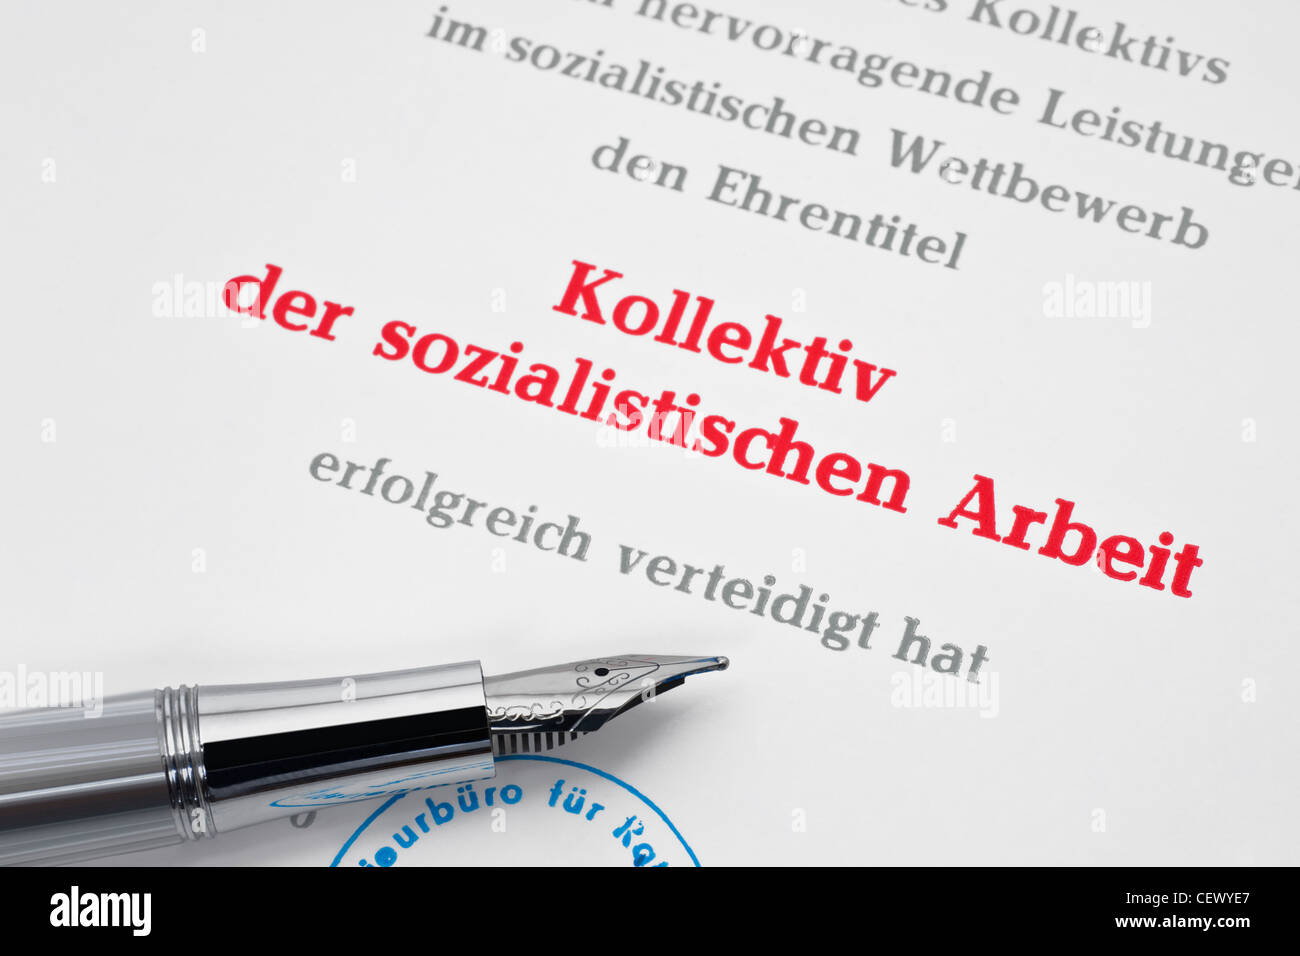 Urkunde Kollektiv der sozialistischen Arbeit aus DDR Stockbild